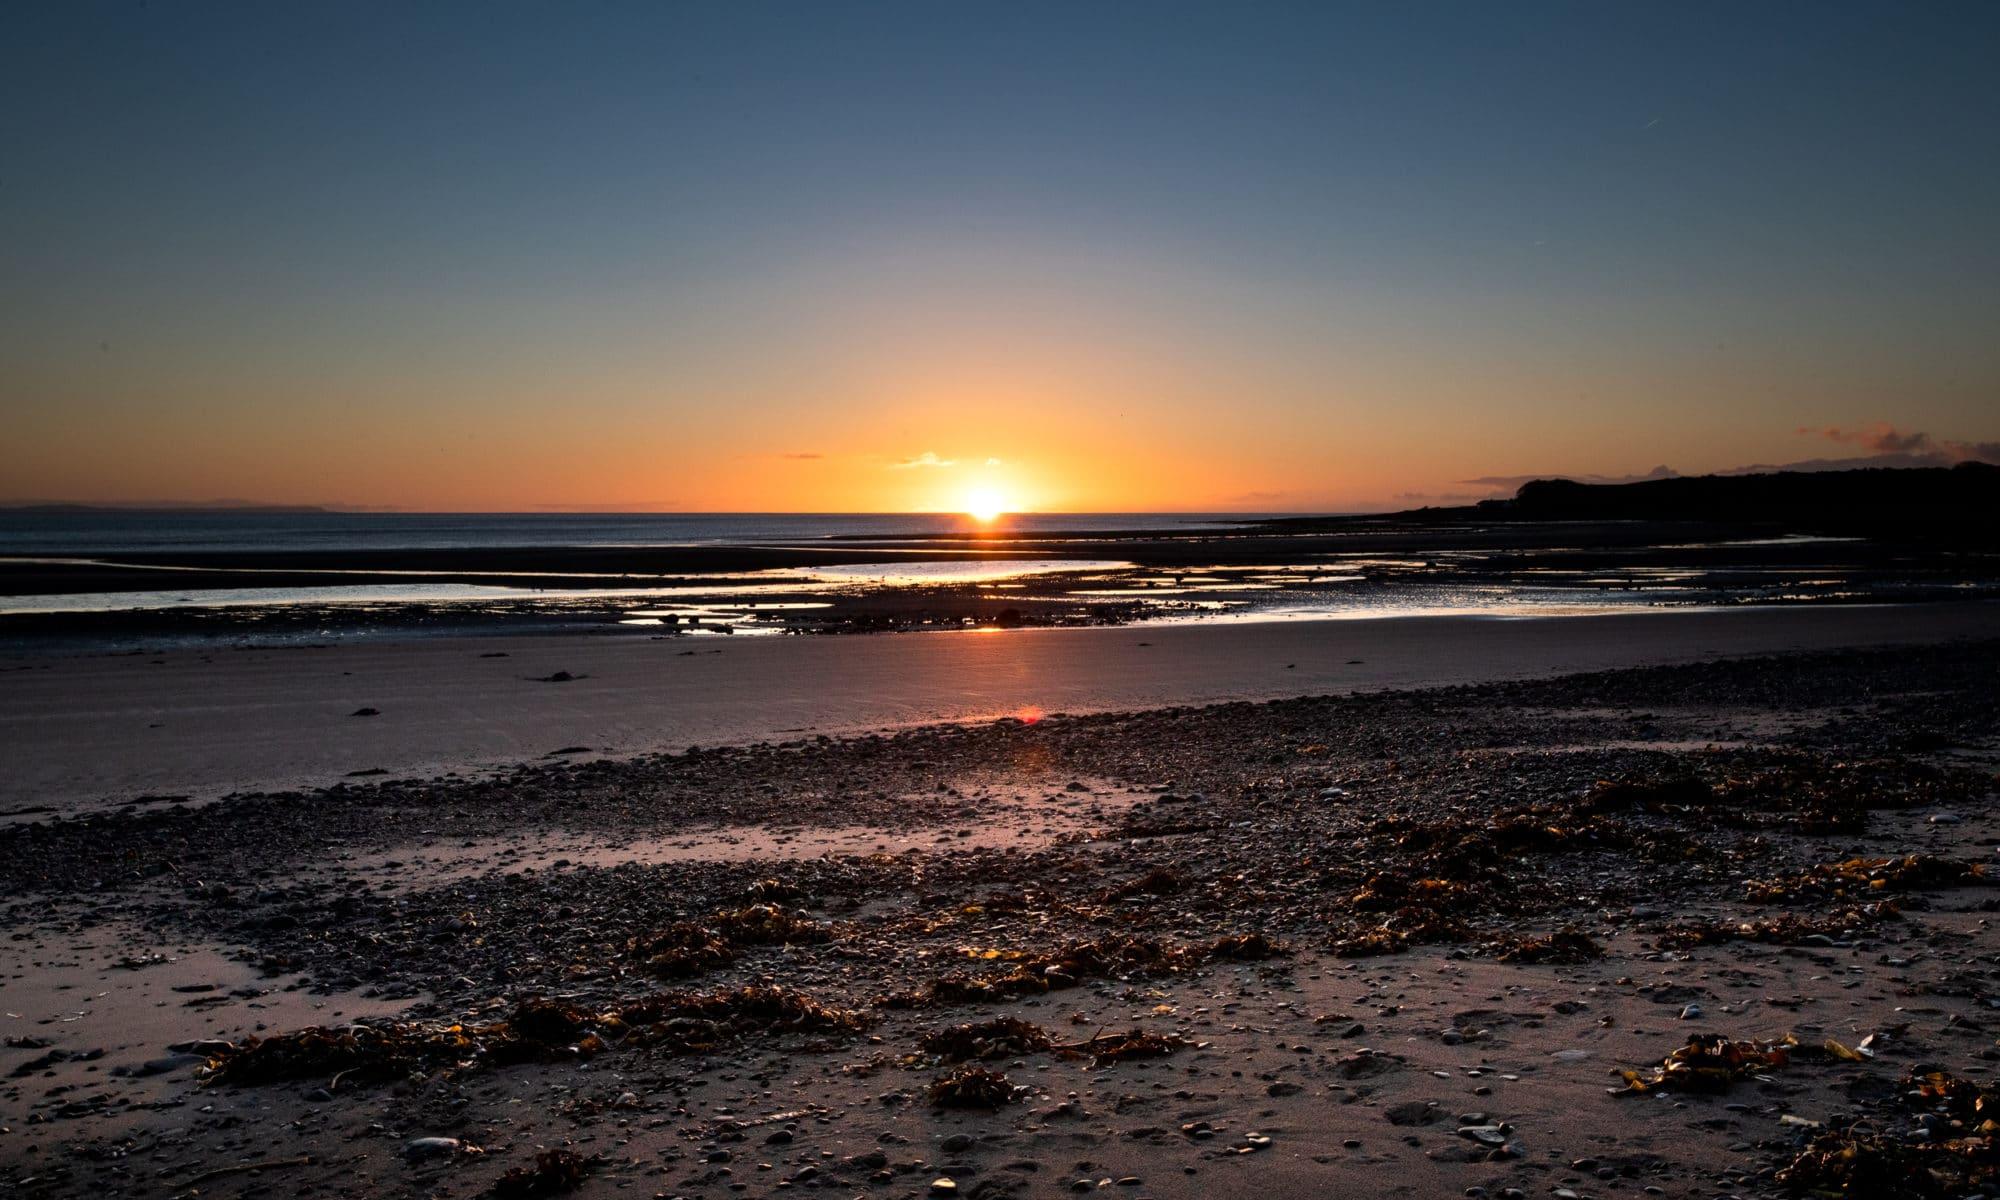 Les levers de soleil de la baie de Sandhead